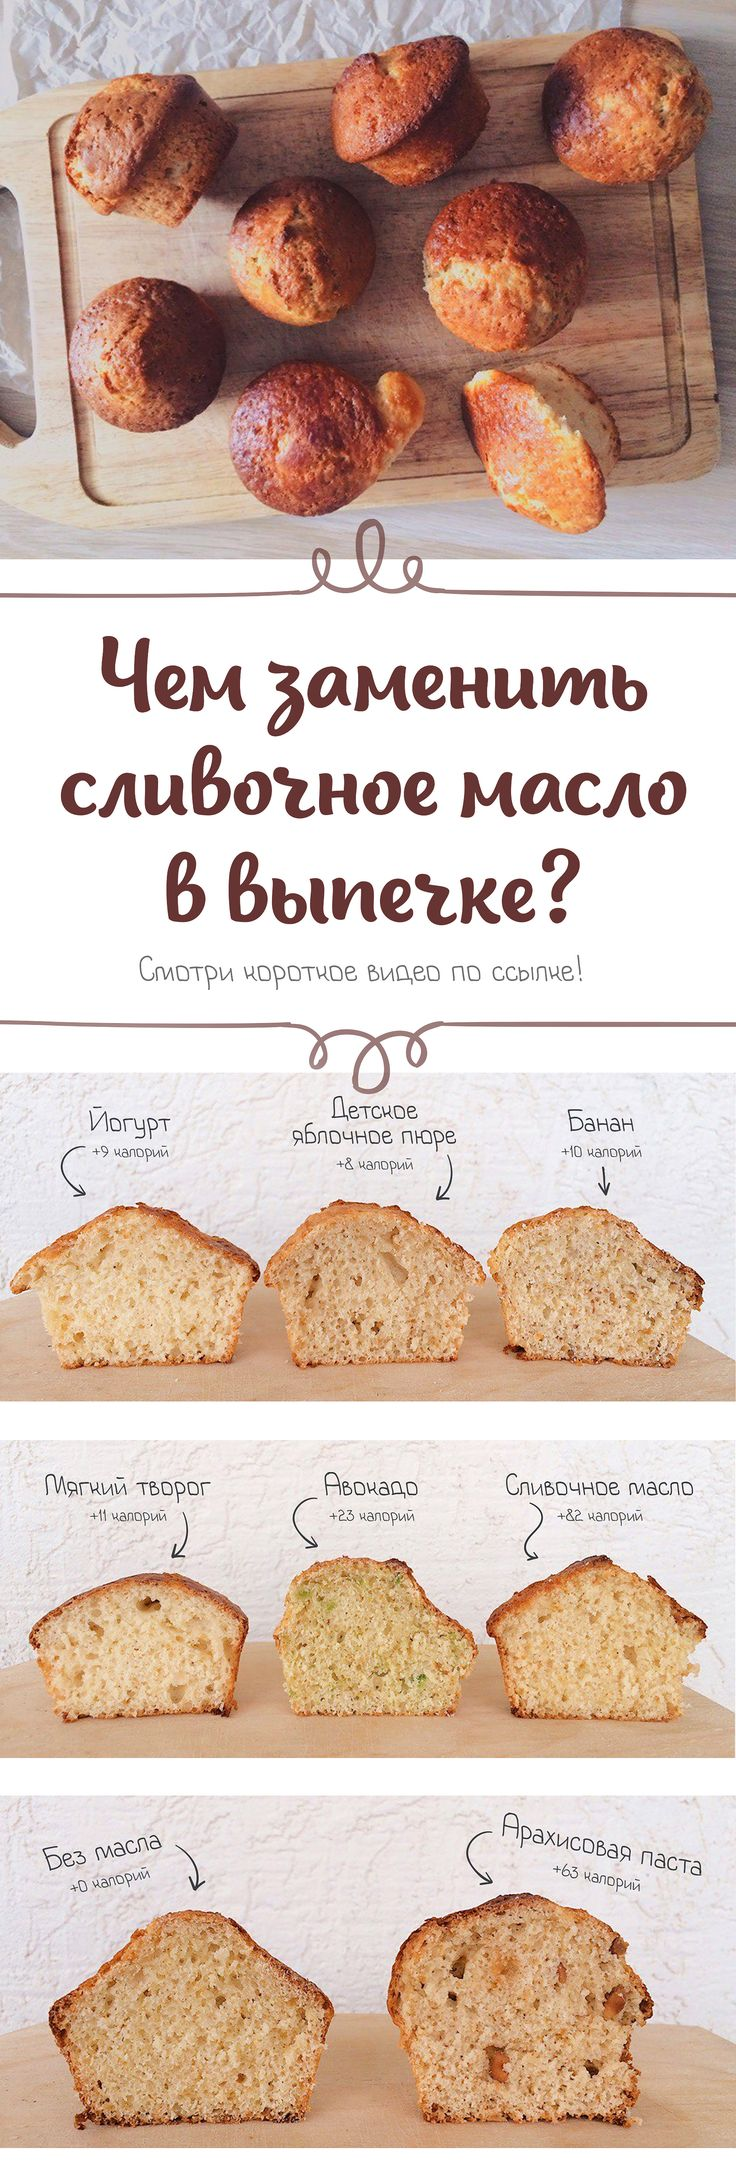 Как заменить сливочное масло в кексах? Что будет, если заменить сливочное масло в маффинах на творог, йогурт, банан, пюре или авокадо, или не добавлять его совсем? Пропорции замены сливочного масла в выпечке. Смотри короткий видео-рецепт! Рецепты пп, Десерт пп, правильное питание, диетический рецепт, рецепт на русском